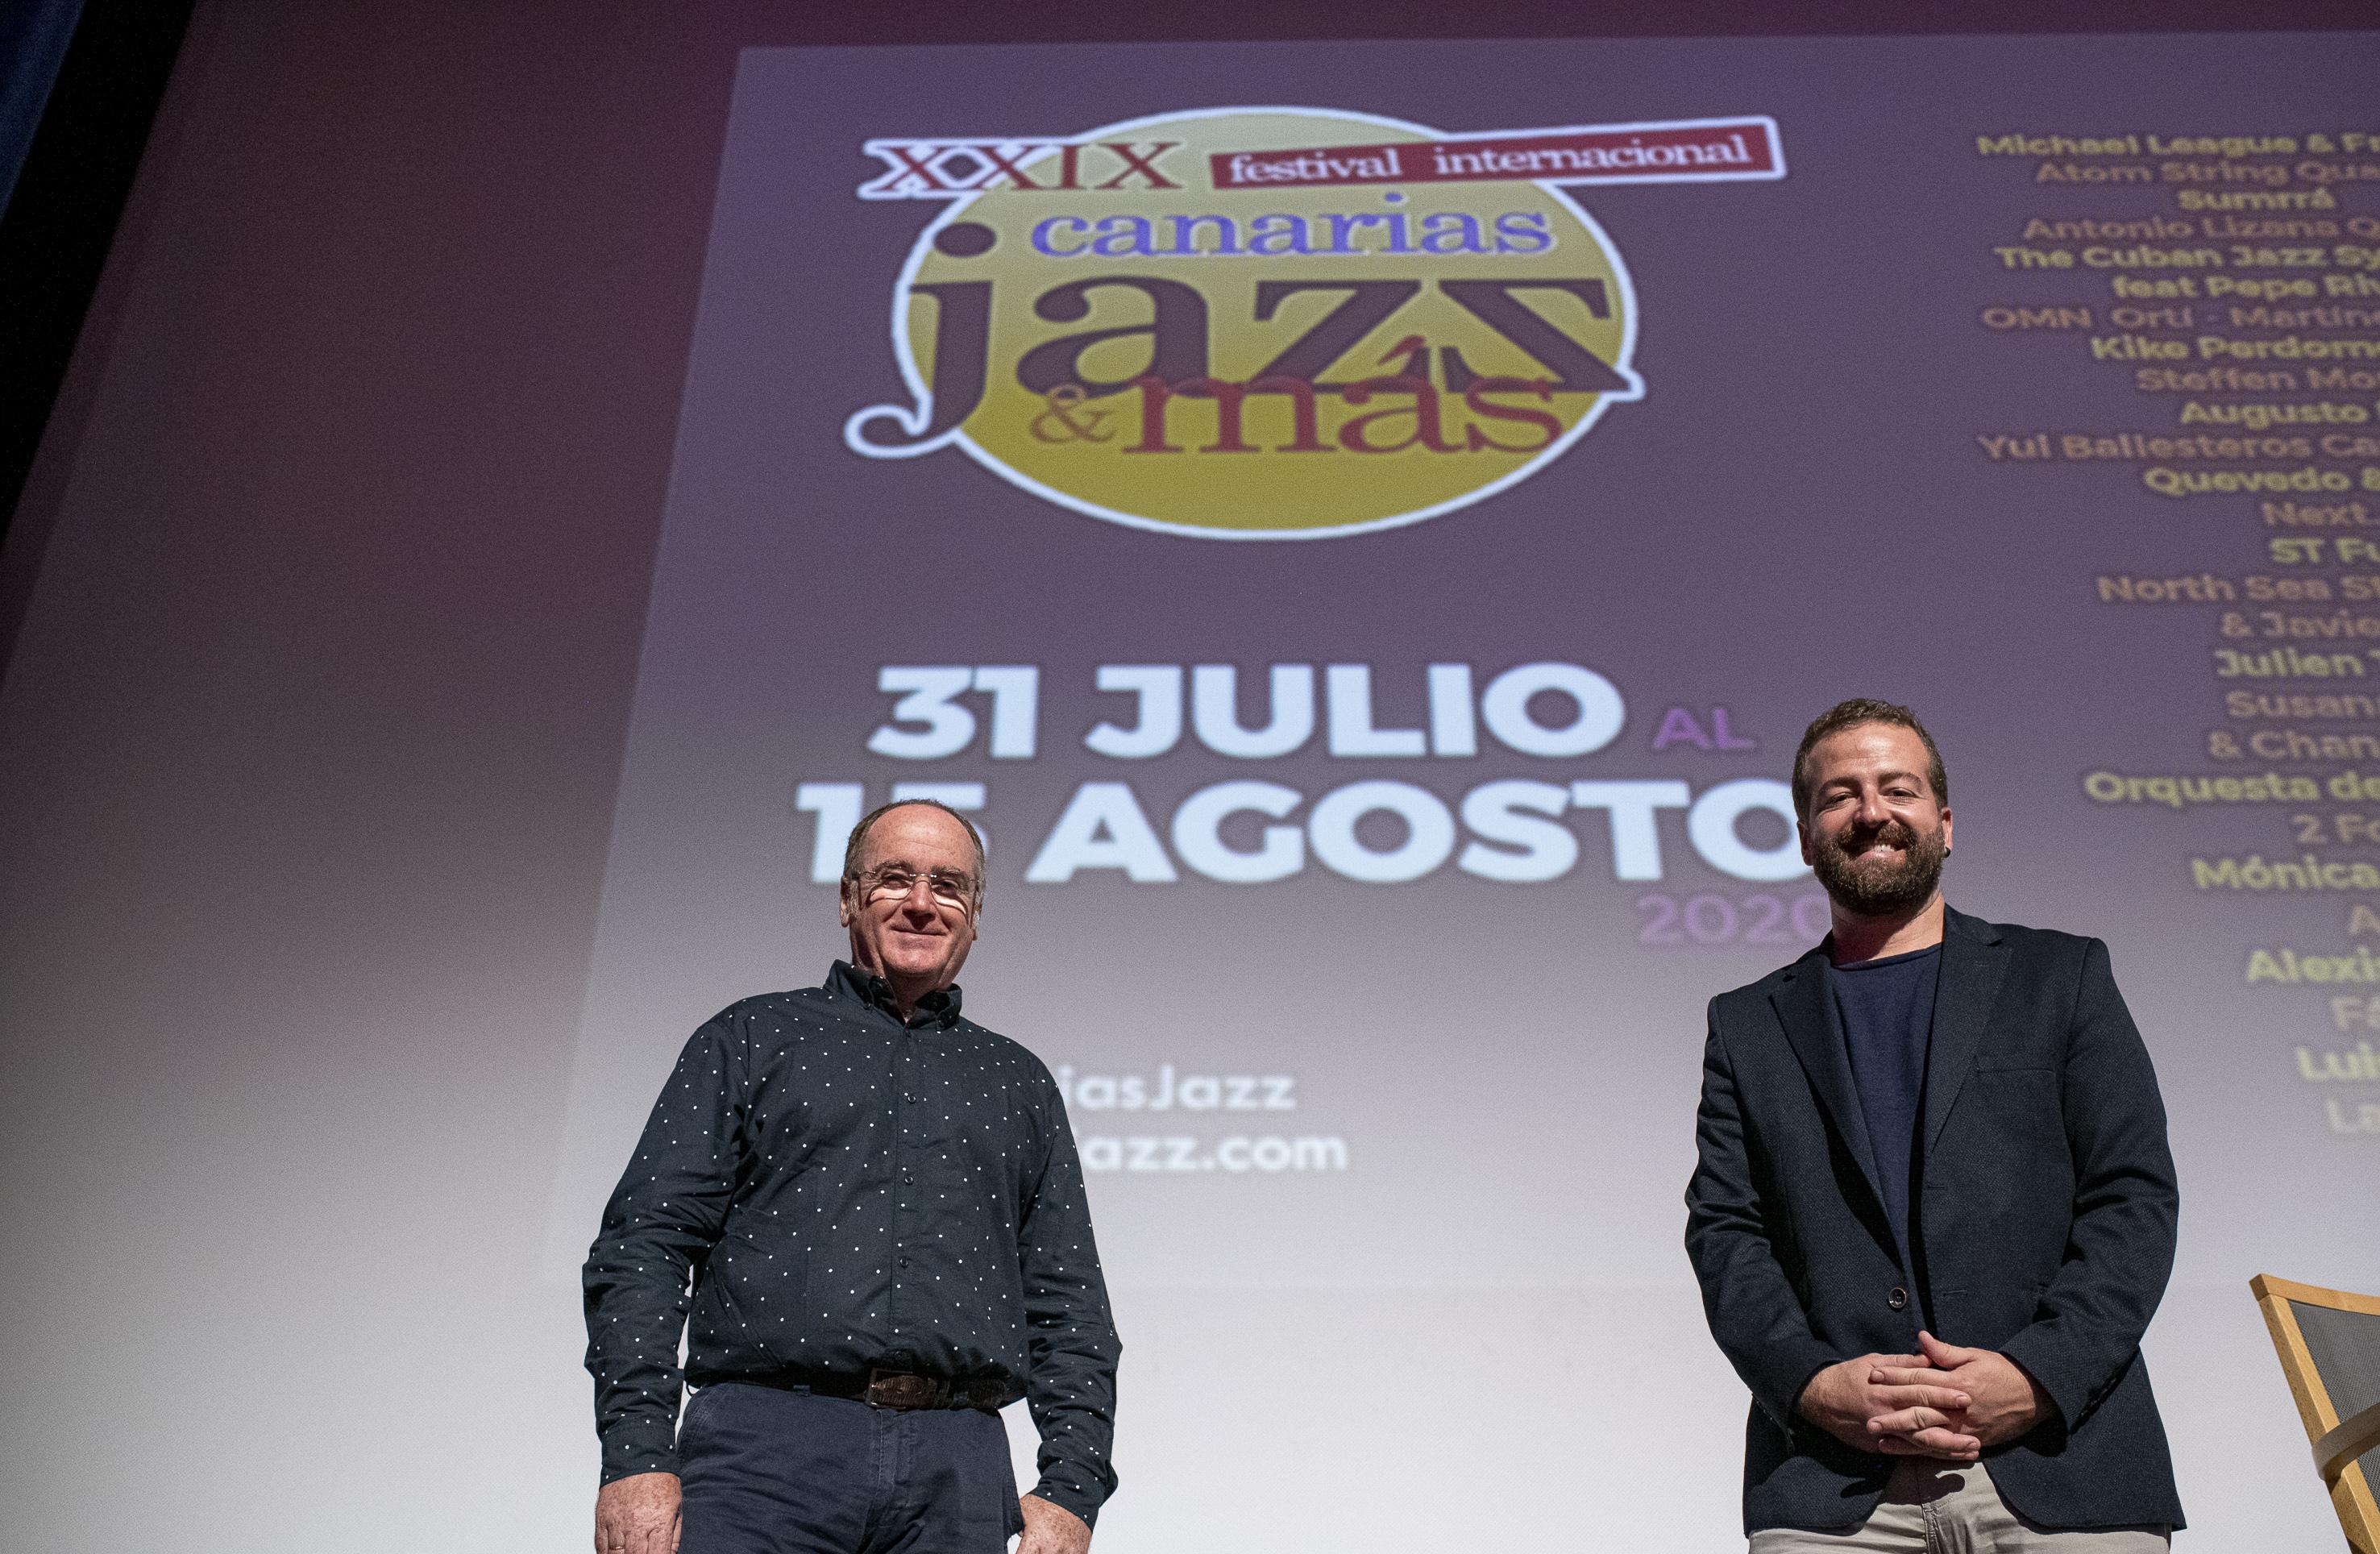 La 29ª edición del Festival Canarias Jazz & Más llegará también a Lanzarote